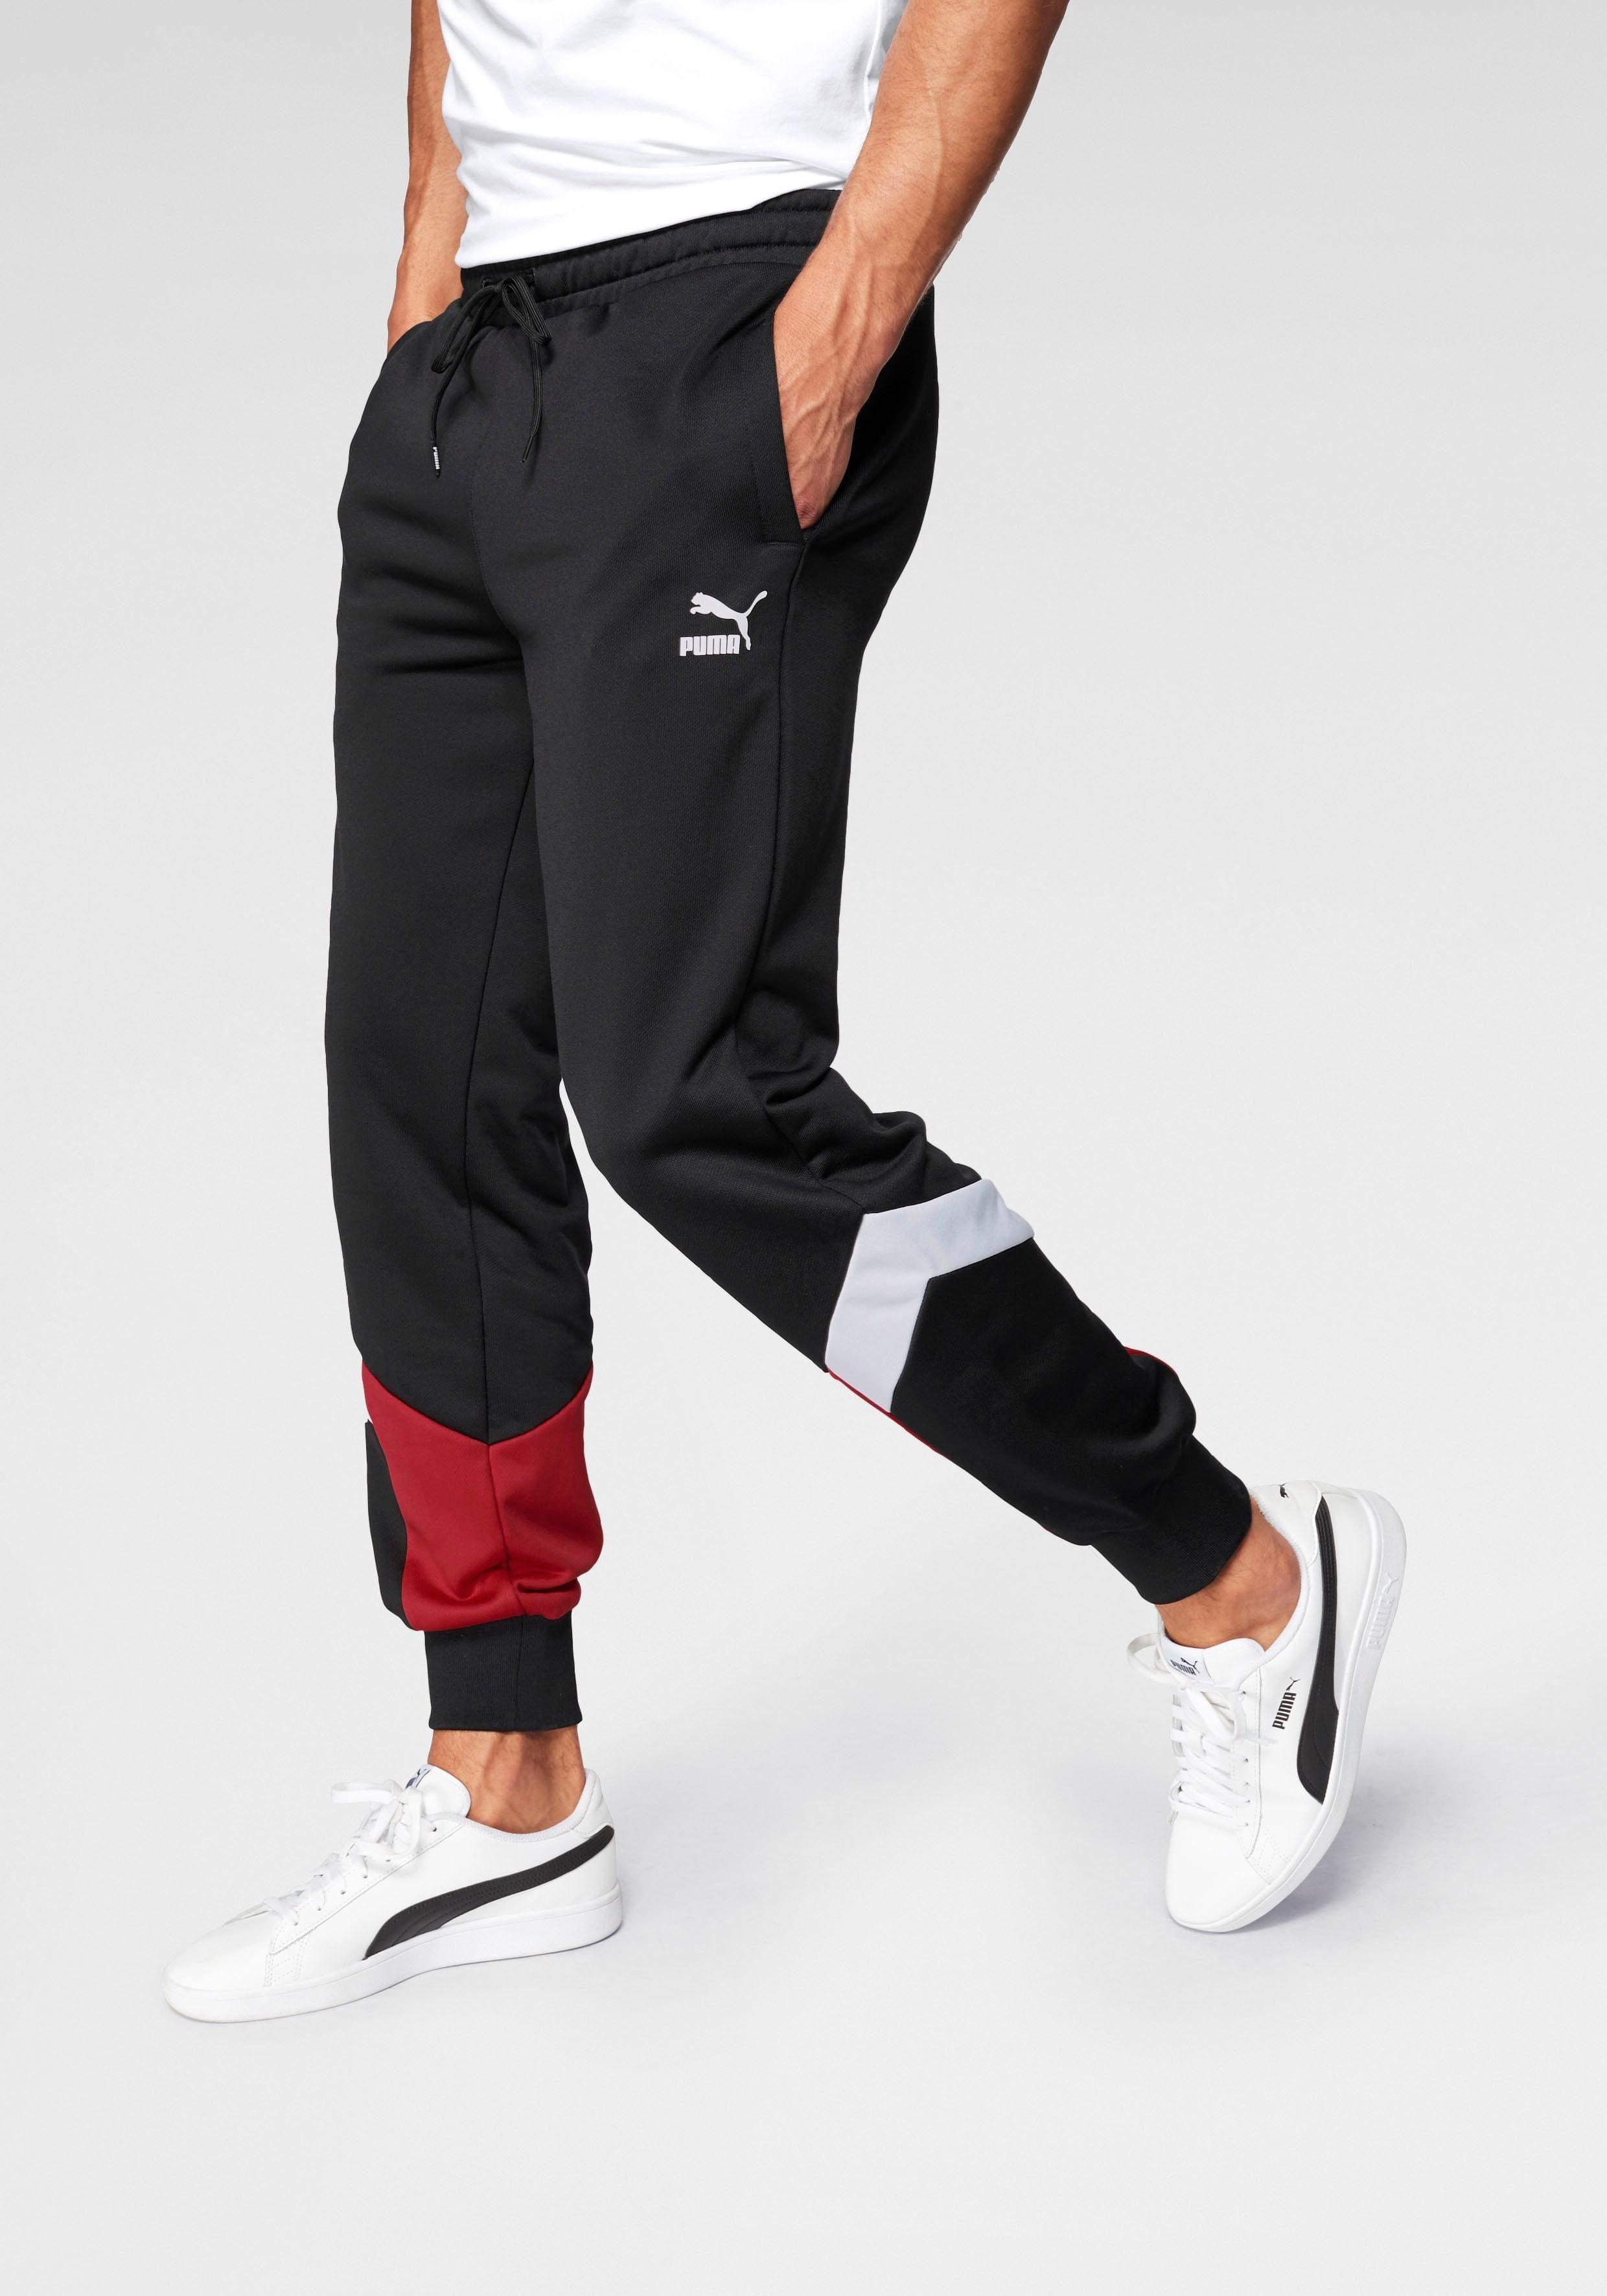 PUMA Jogginghose, Gesäßtasche mit Reißverschluss online kaufen | OTTO